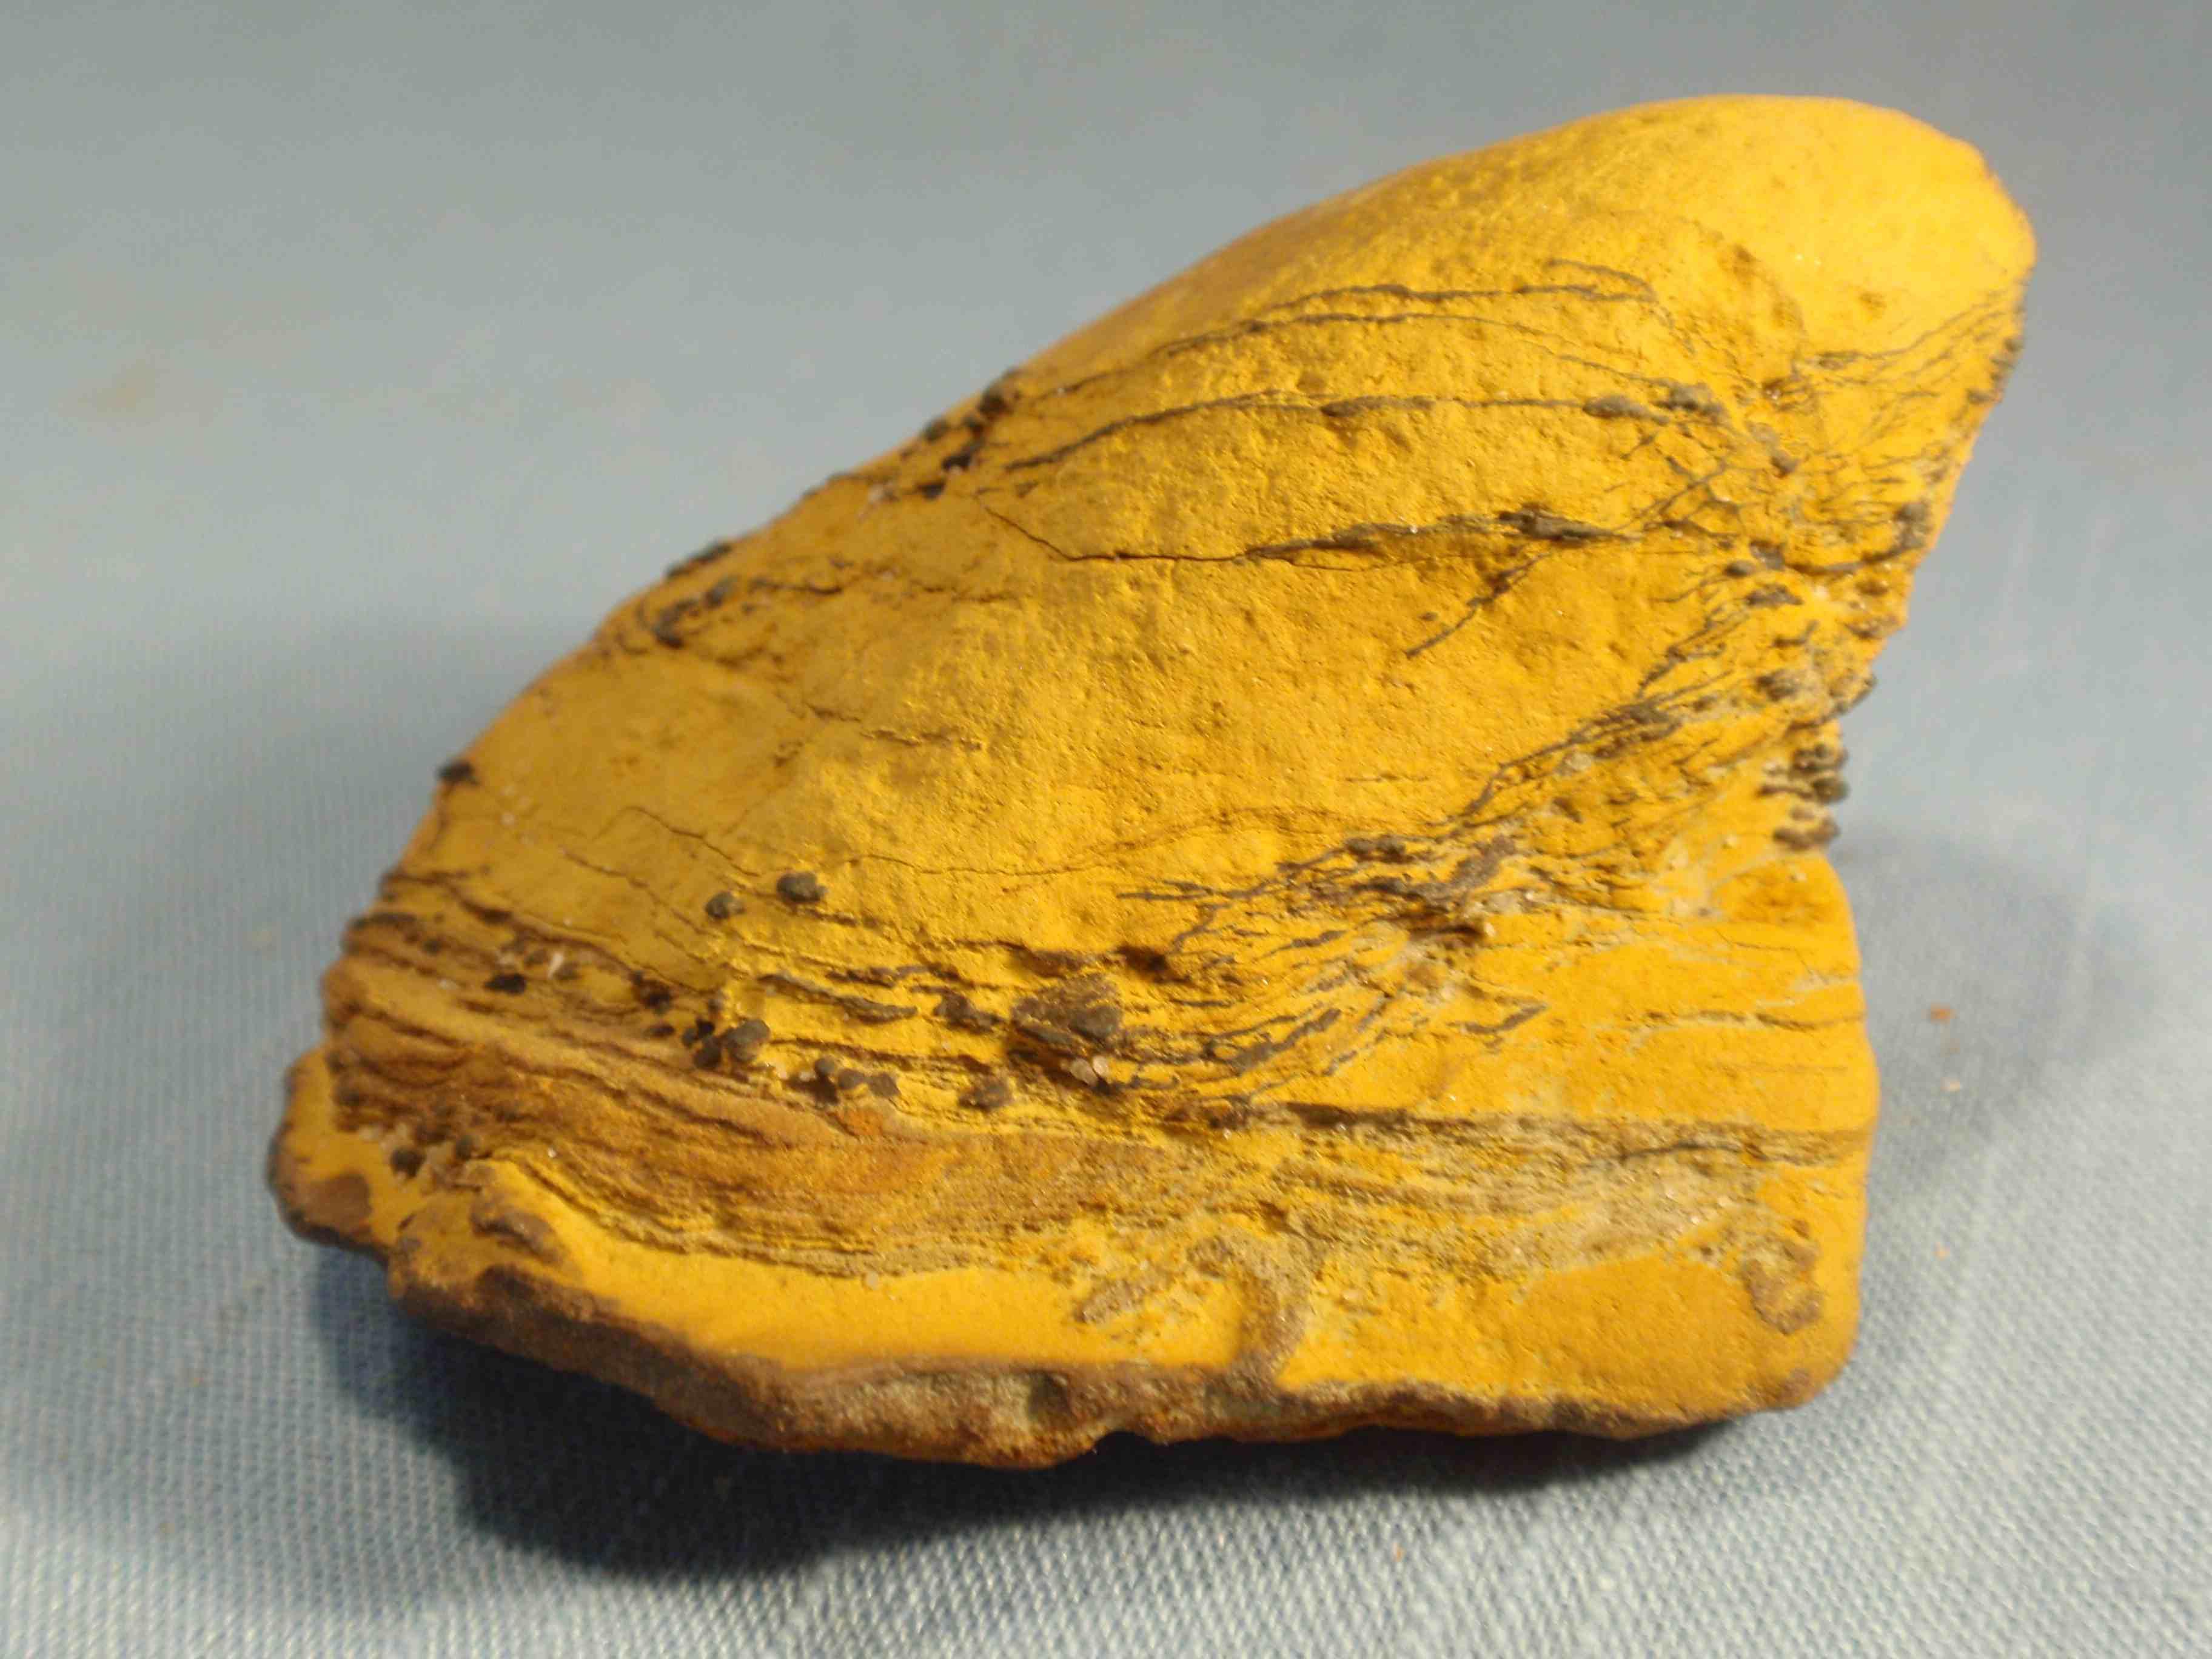 Chesapeake Biominerals Irocks Blog